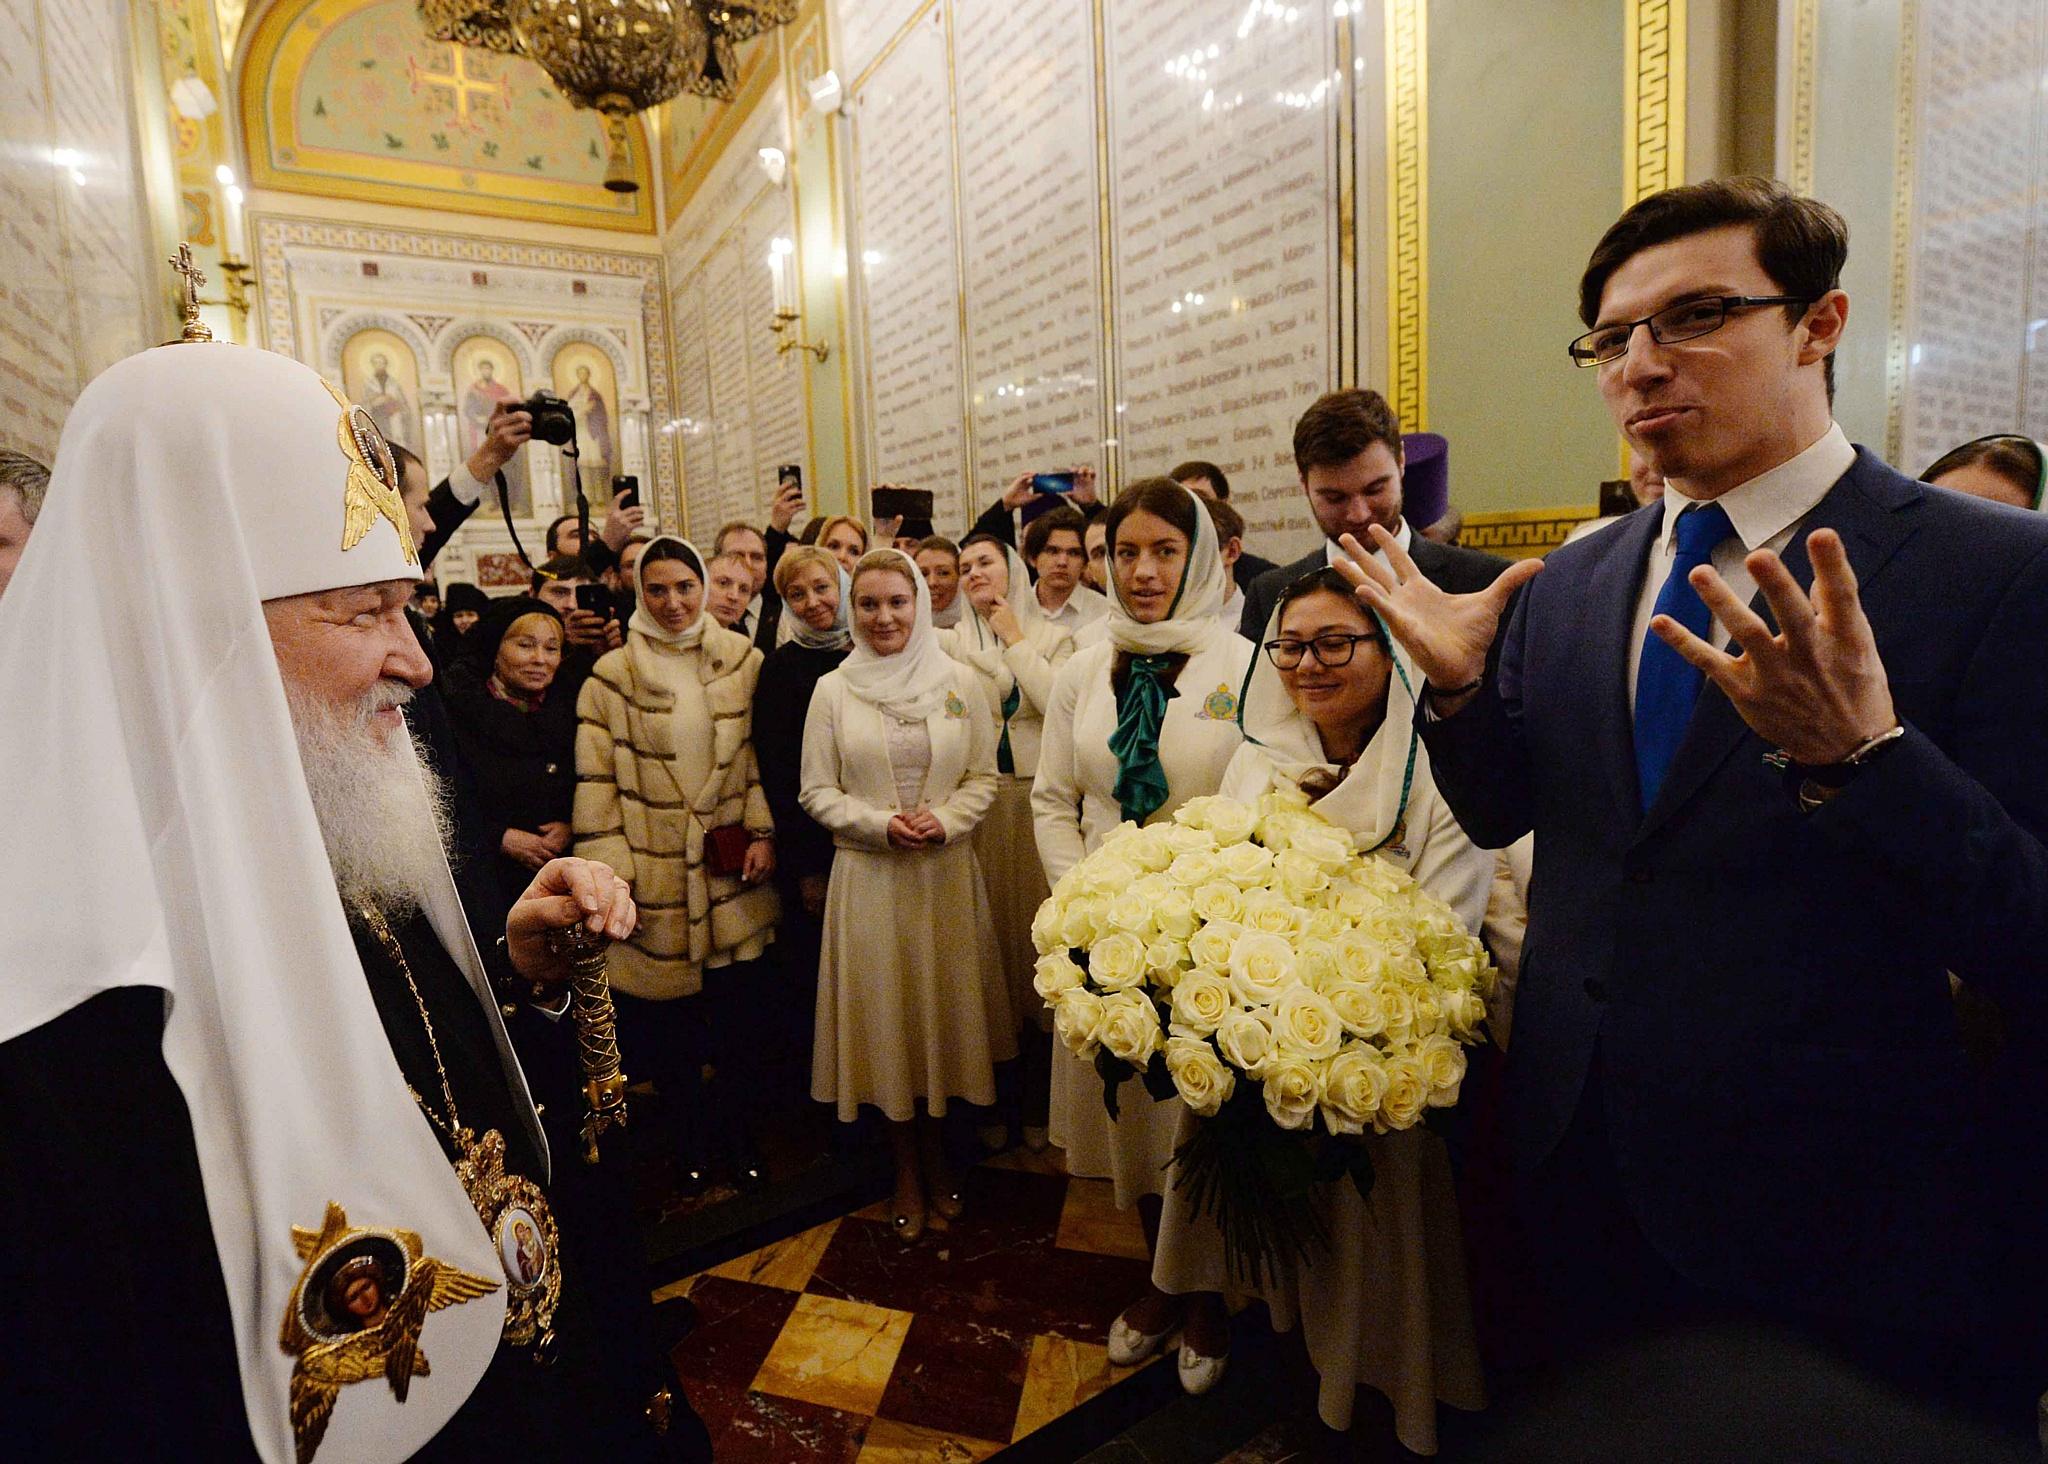 Торжественное богослужение в Храме Христа Спасителя в 10 годовщину интронизации Патриарха Кирилла